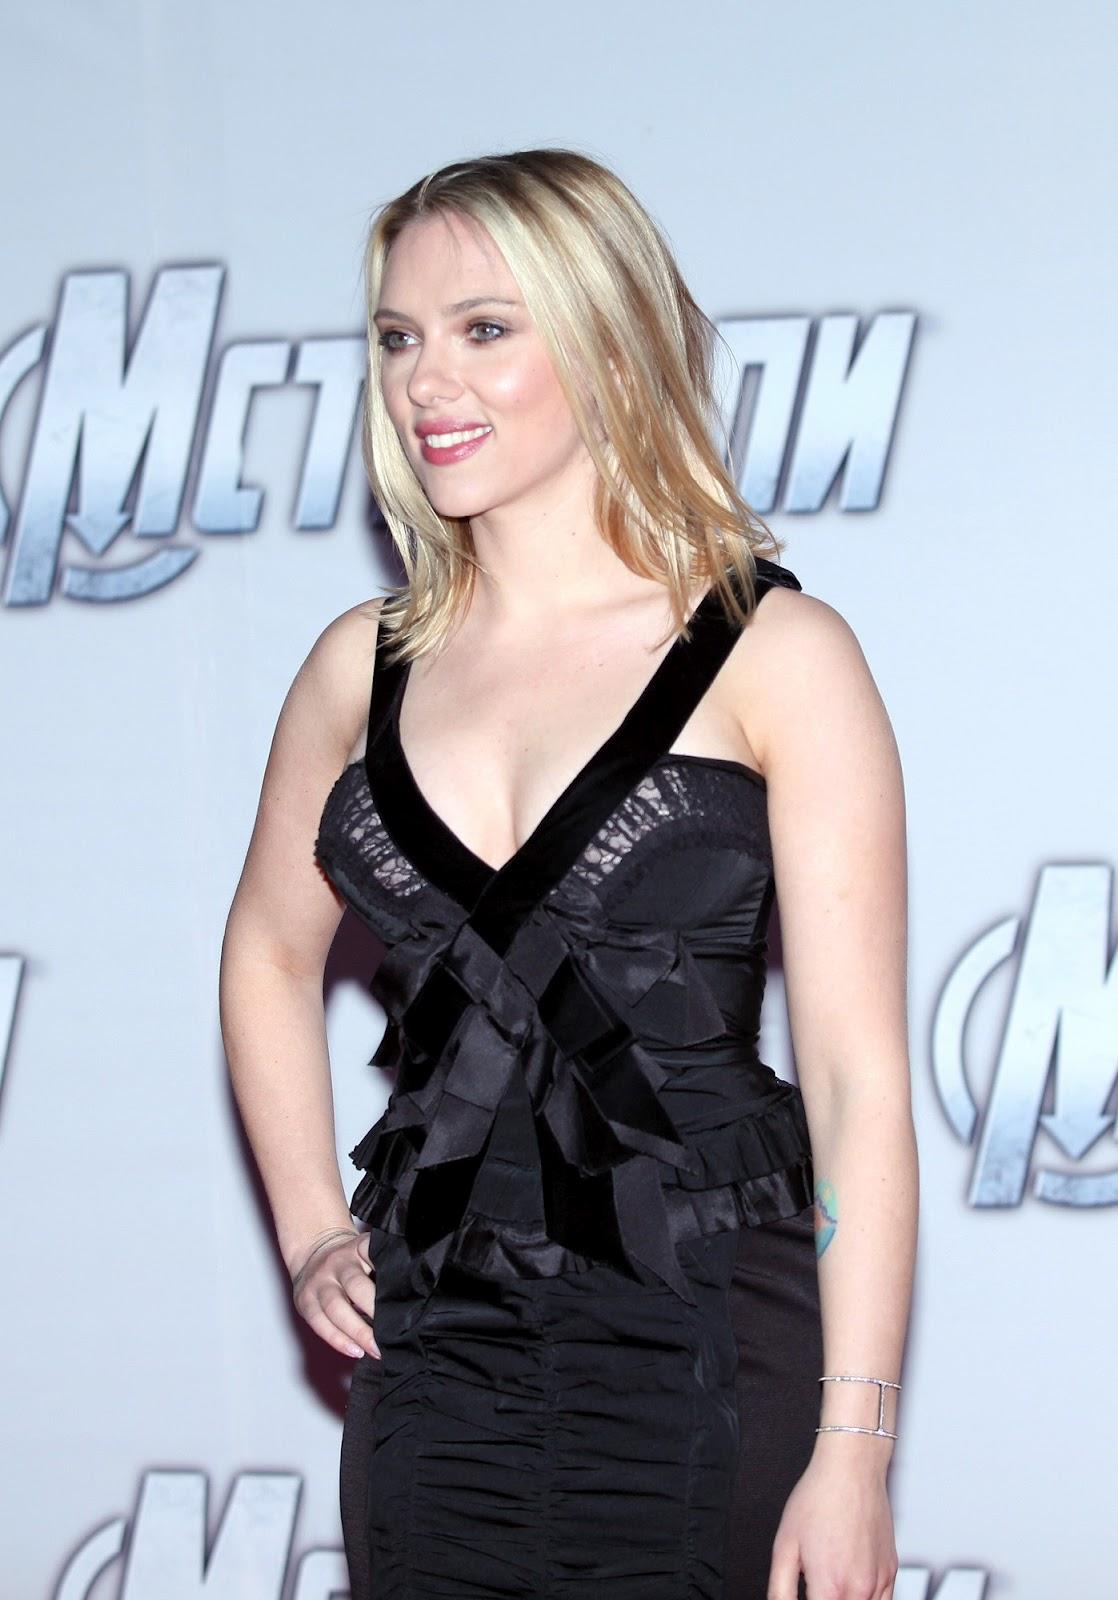 http://3.bp.blogspot.com/-DsyUEKTeoqg/T4_dMtkk5PI/AAAAAAAABAs/rKewI7SYTMA/s1600/Scarlett_Johansson_The_Avengers_premiere_Moscow_2012_05.jpg